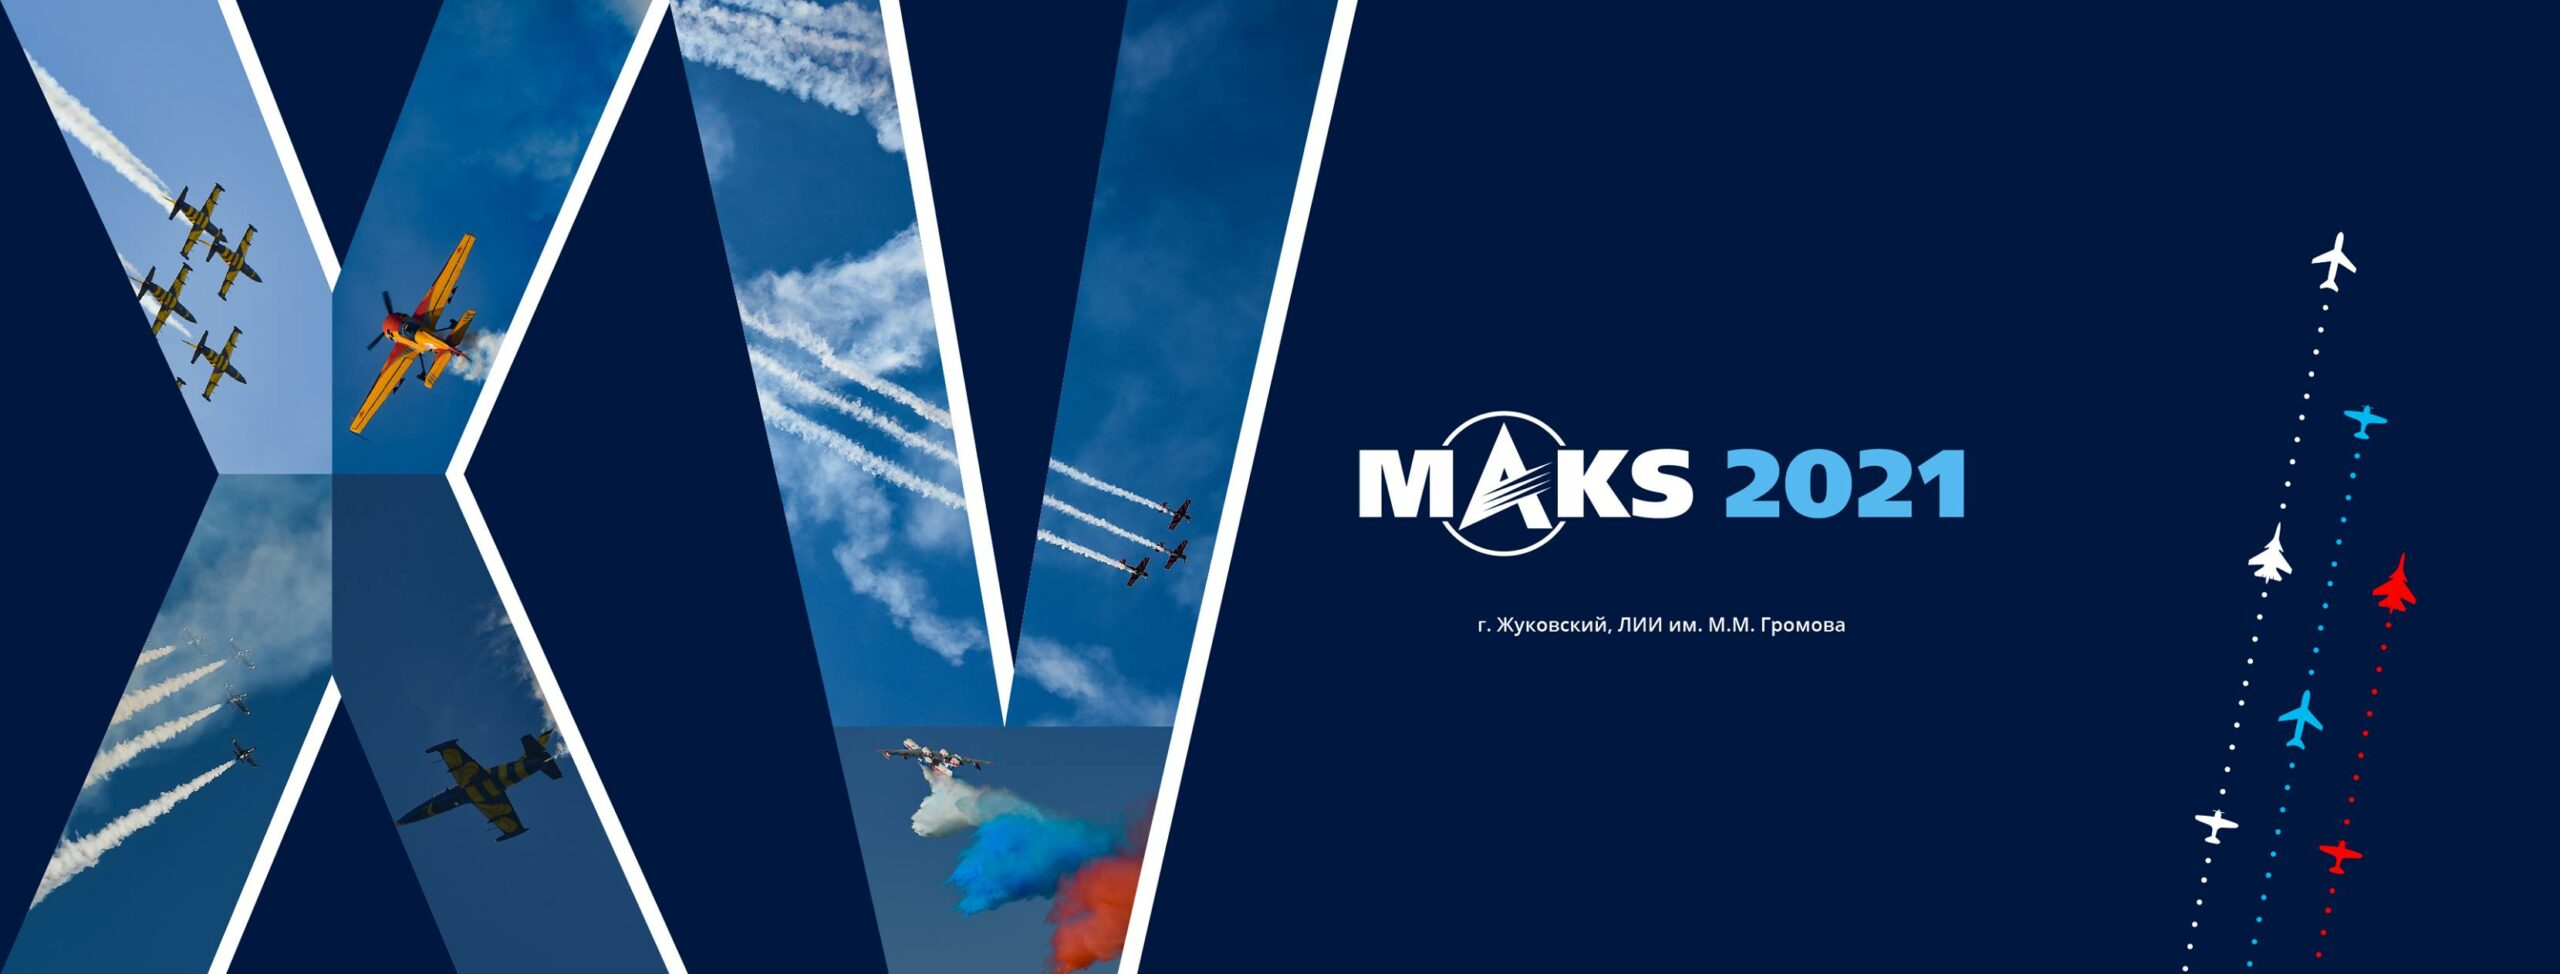 نمایشگاه ماکس 2021 روسیه میزبان شرکتهای دانشبنیان ایرانی